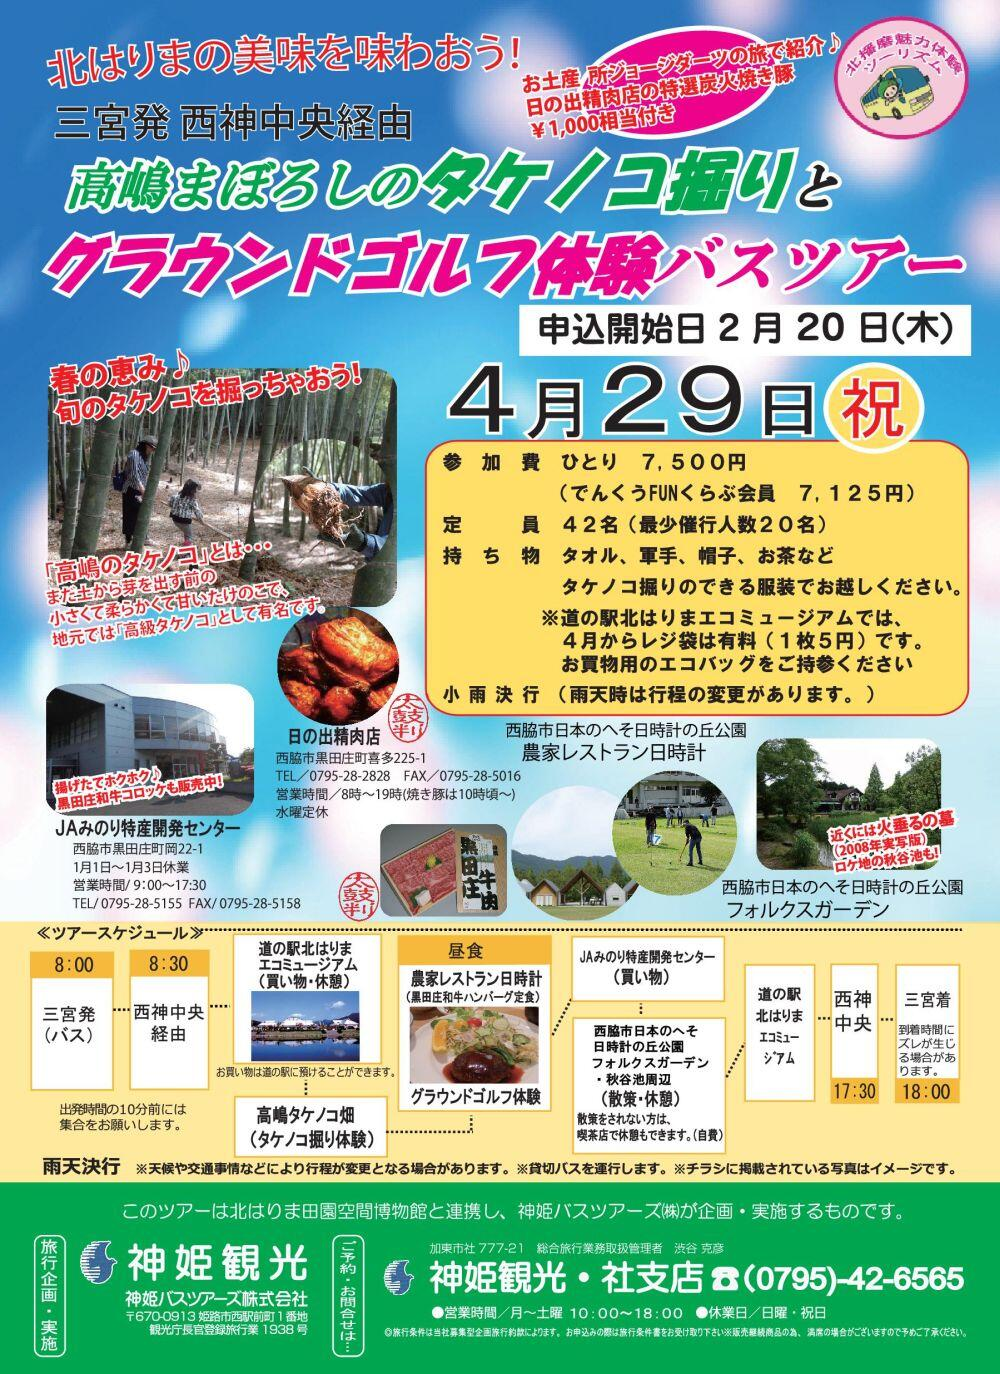 4/29 三宮発「タケノコ掘りとグラウンドゴルフ体験」バスツアー